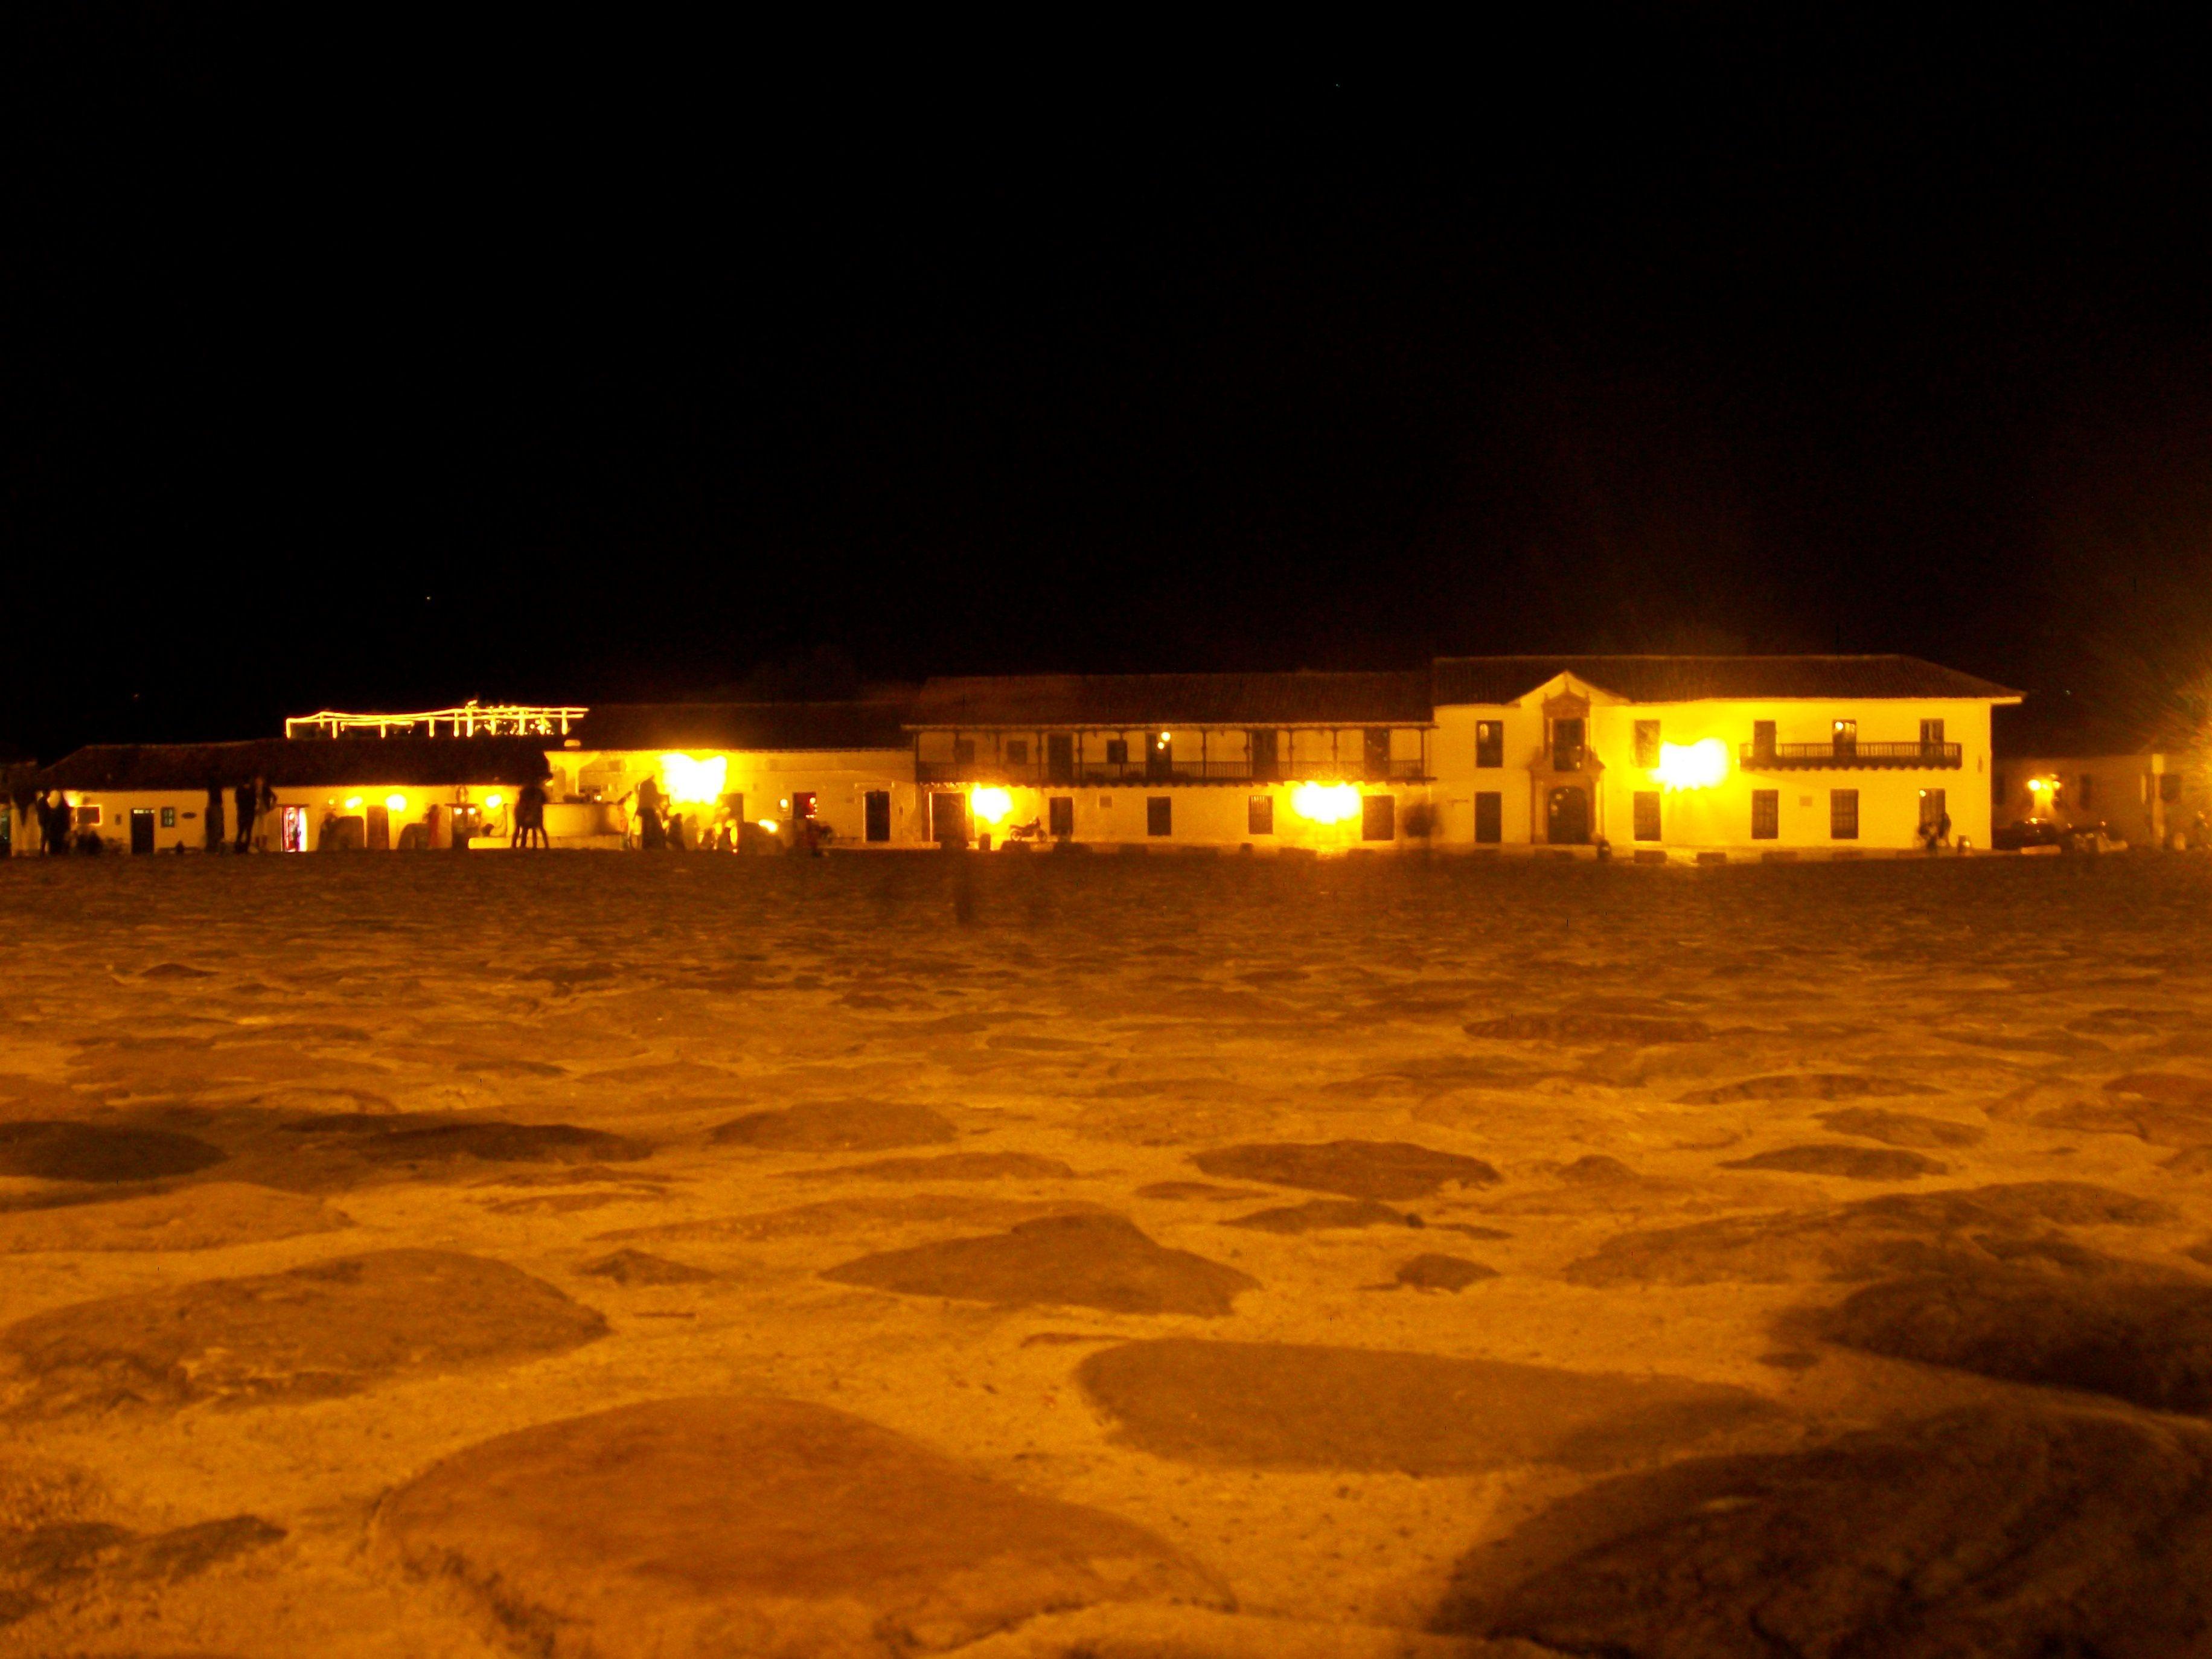 Noche en la plaza sinestesia